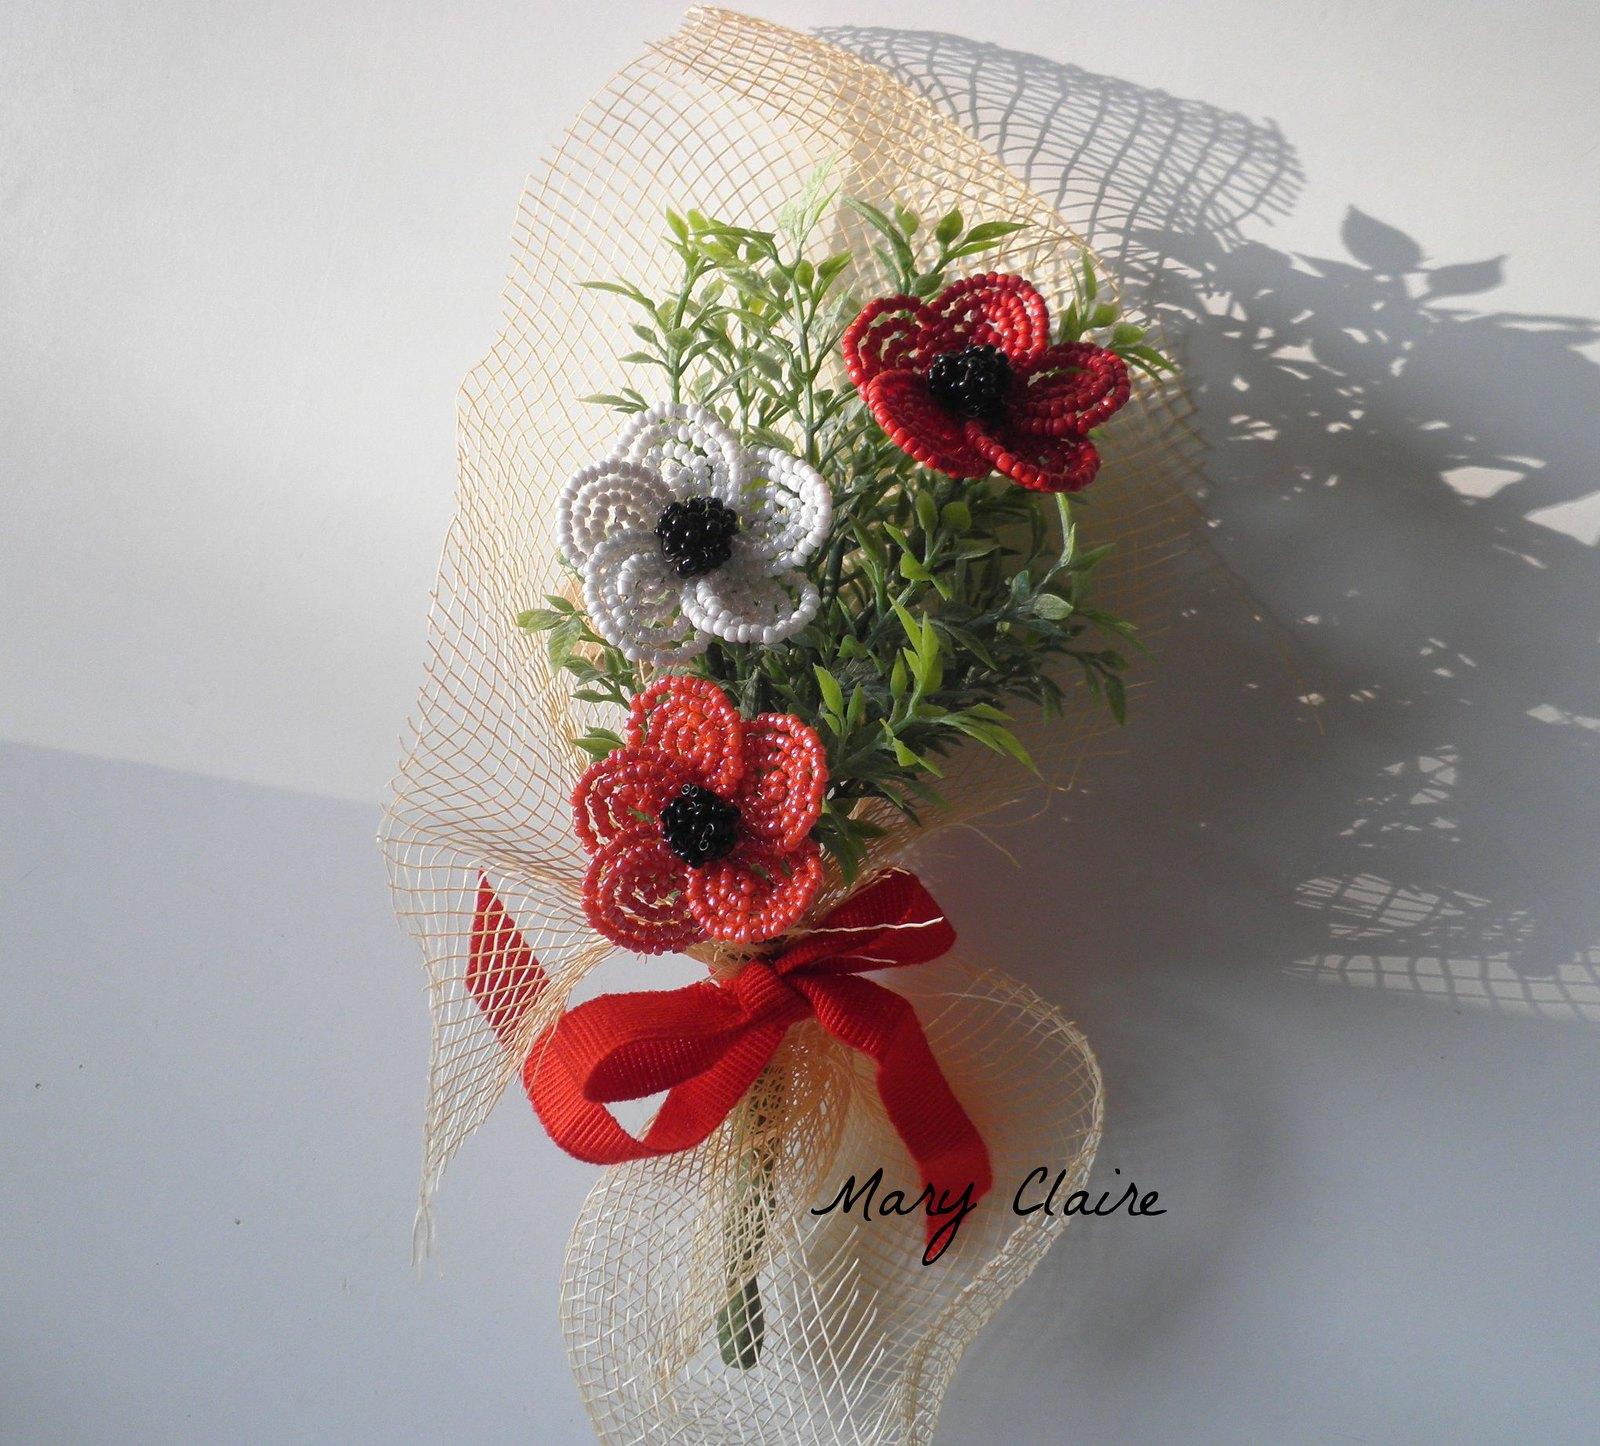 mazzolino anemoni bianco,rosso e corallo